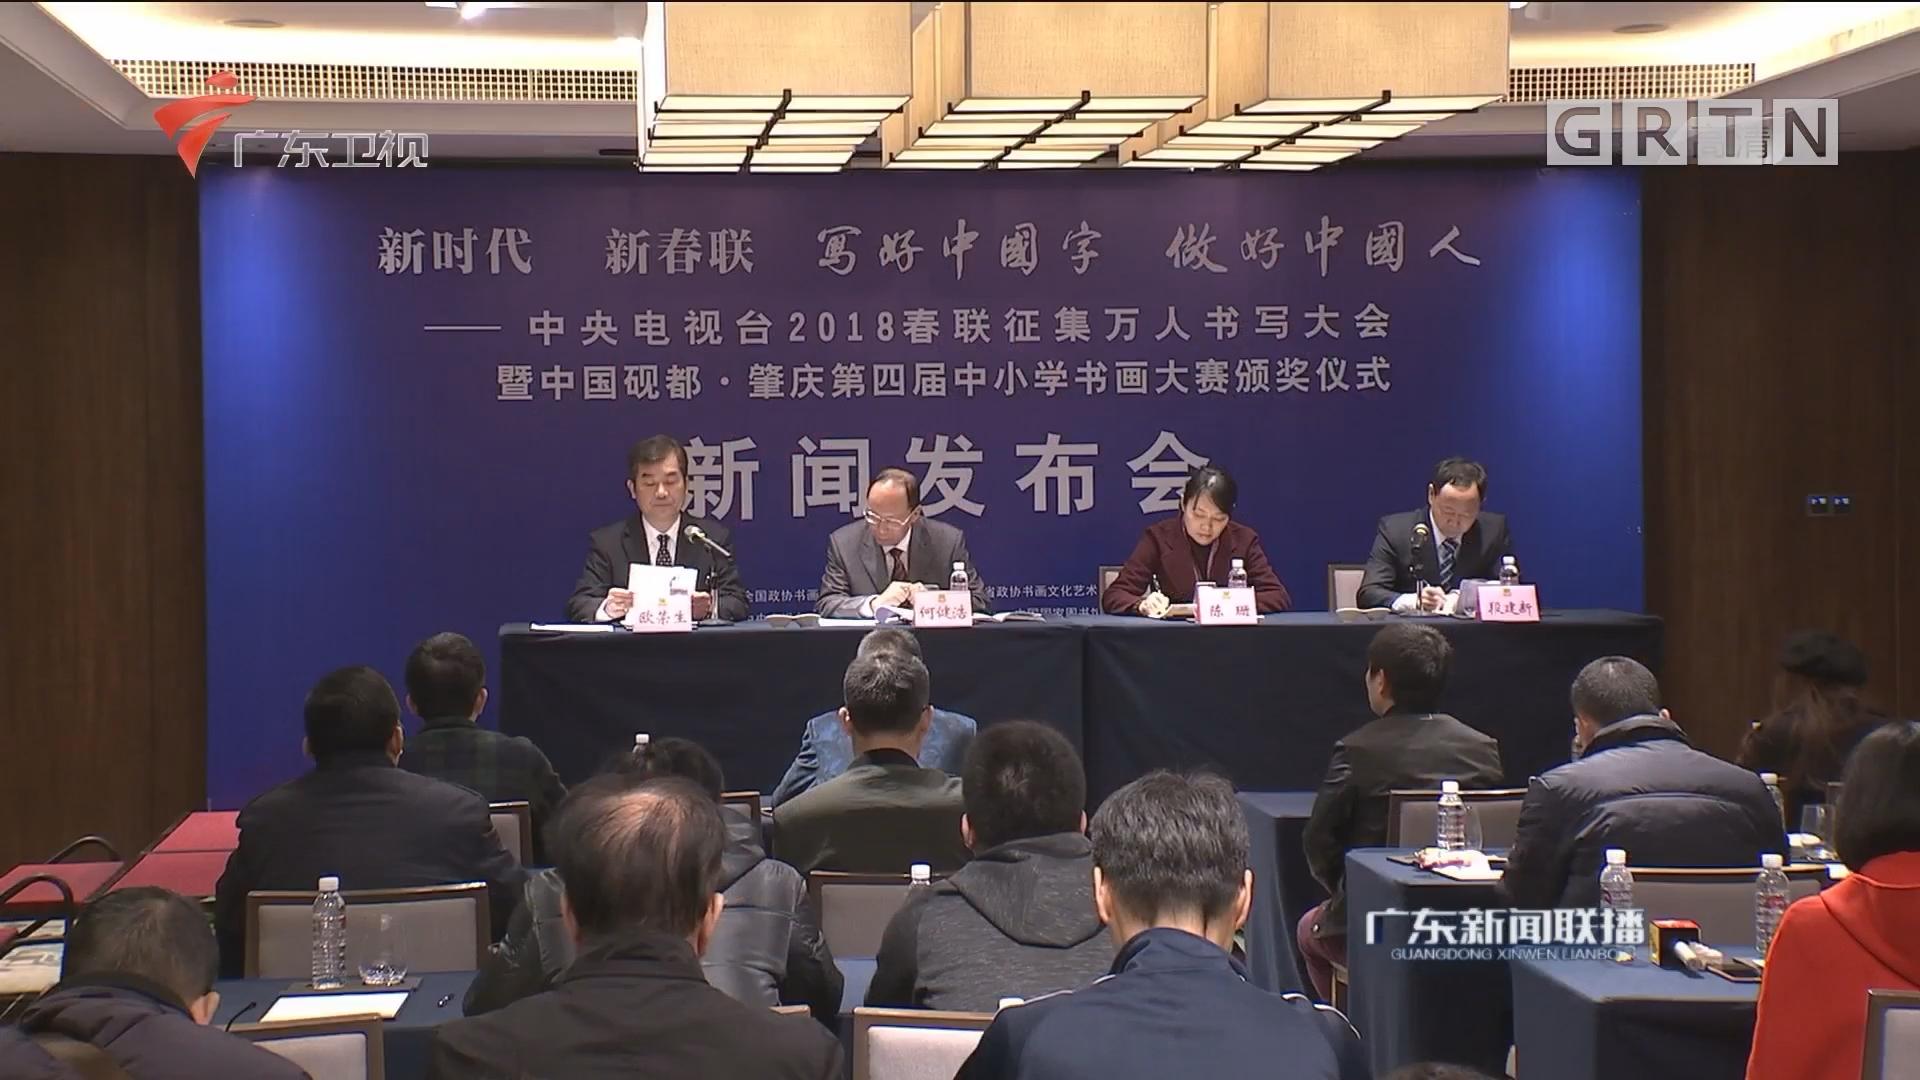 万人书写大会12月23日在肇庆举行